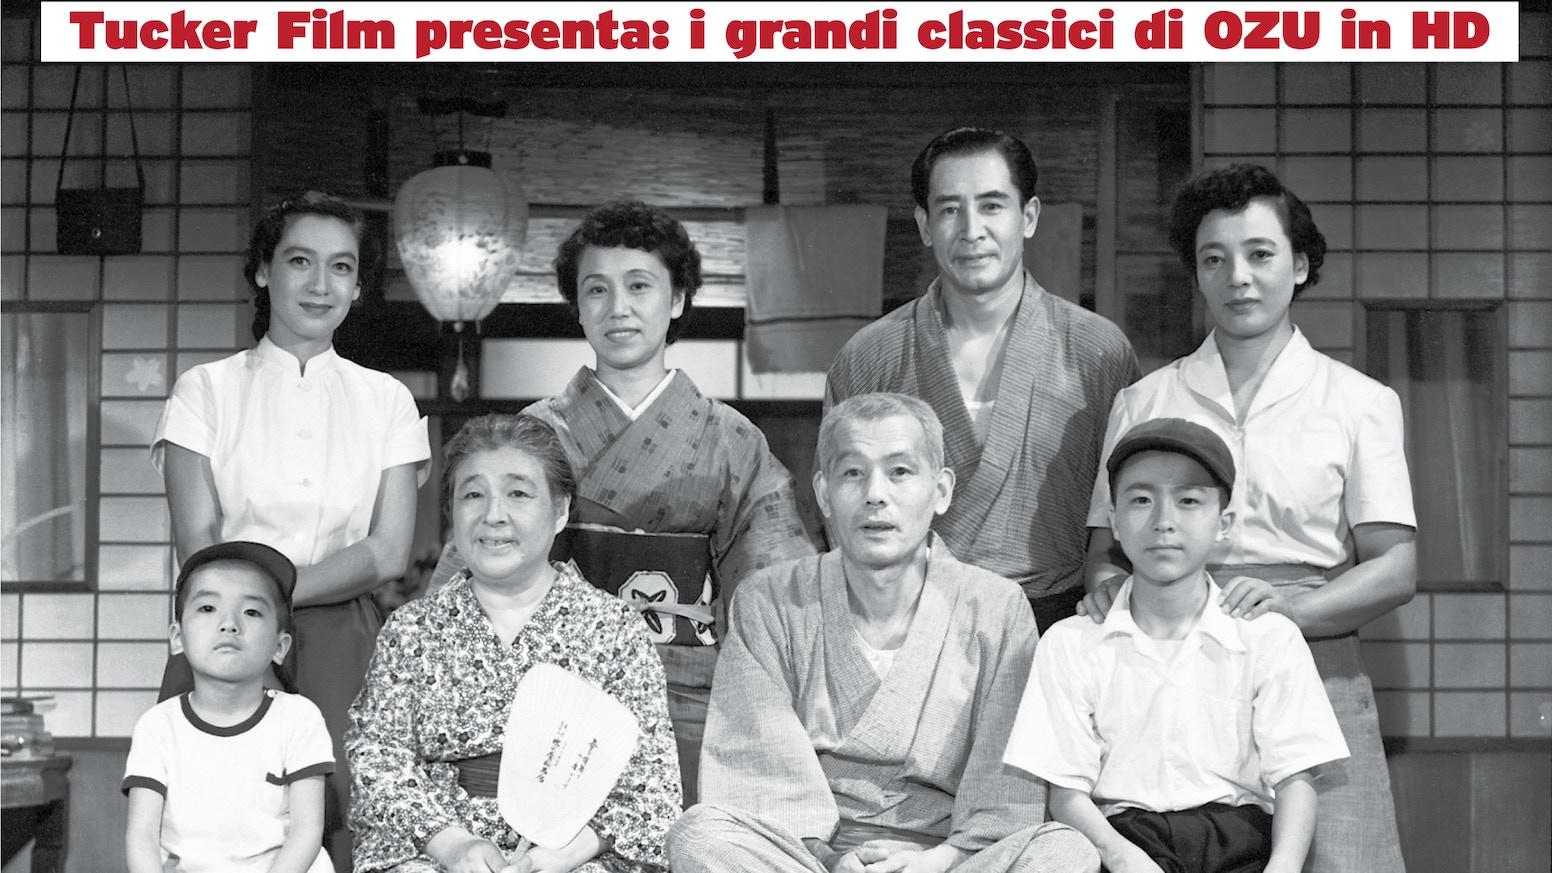 GRAZIE per averci aiutati a trasformare i Fantastici 6 di Ozu in un cofanetto Blu-ray!